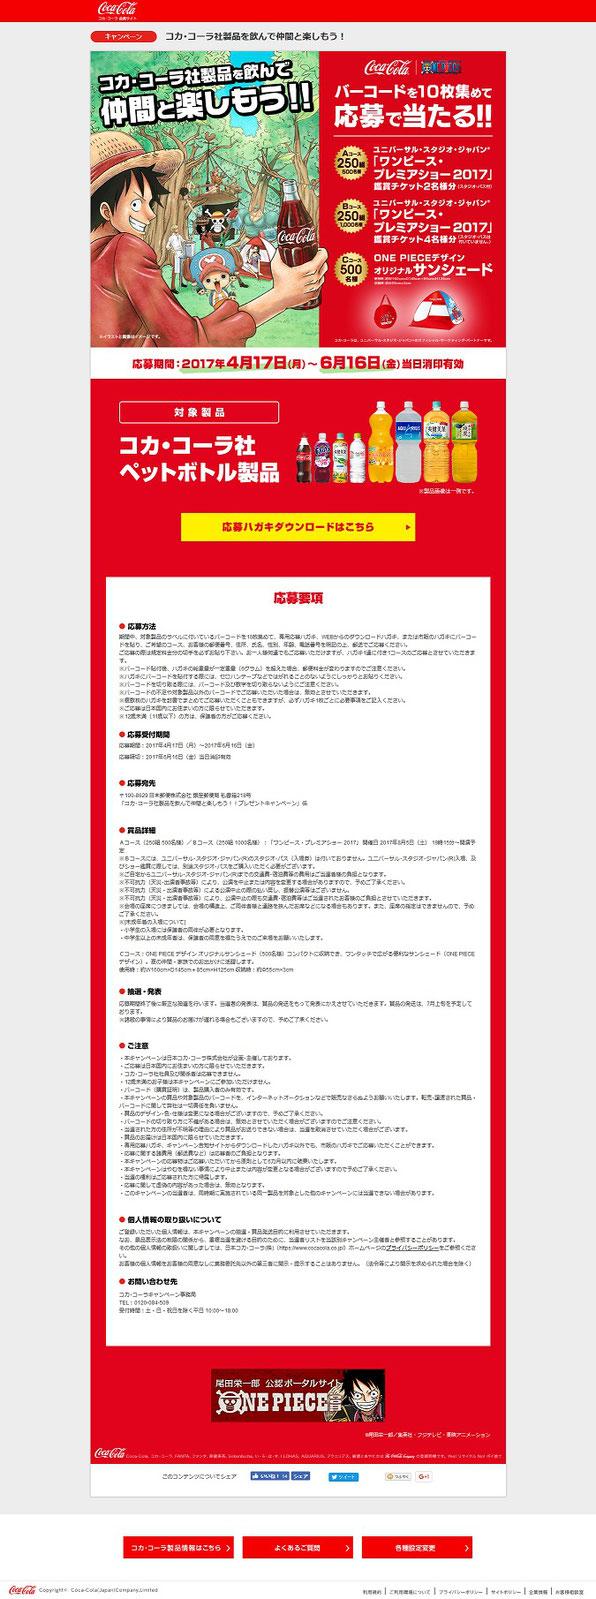 【コカ・コーラ】ワンピース 仲間と楽しもう!!キャンペーン